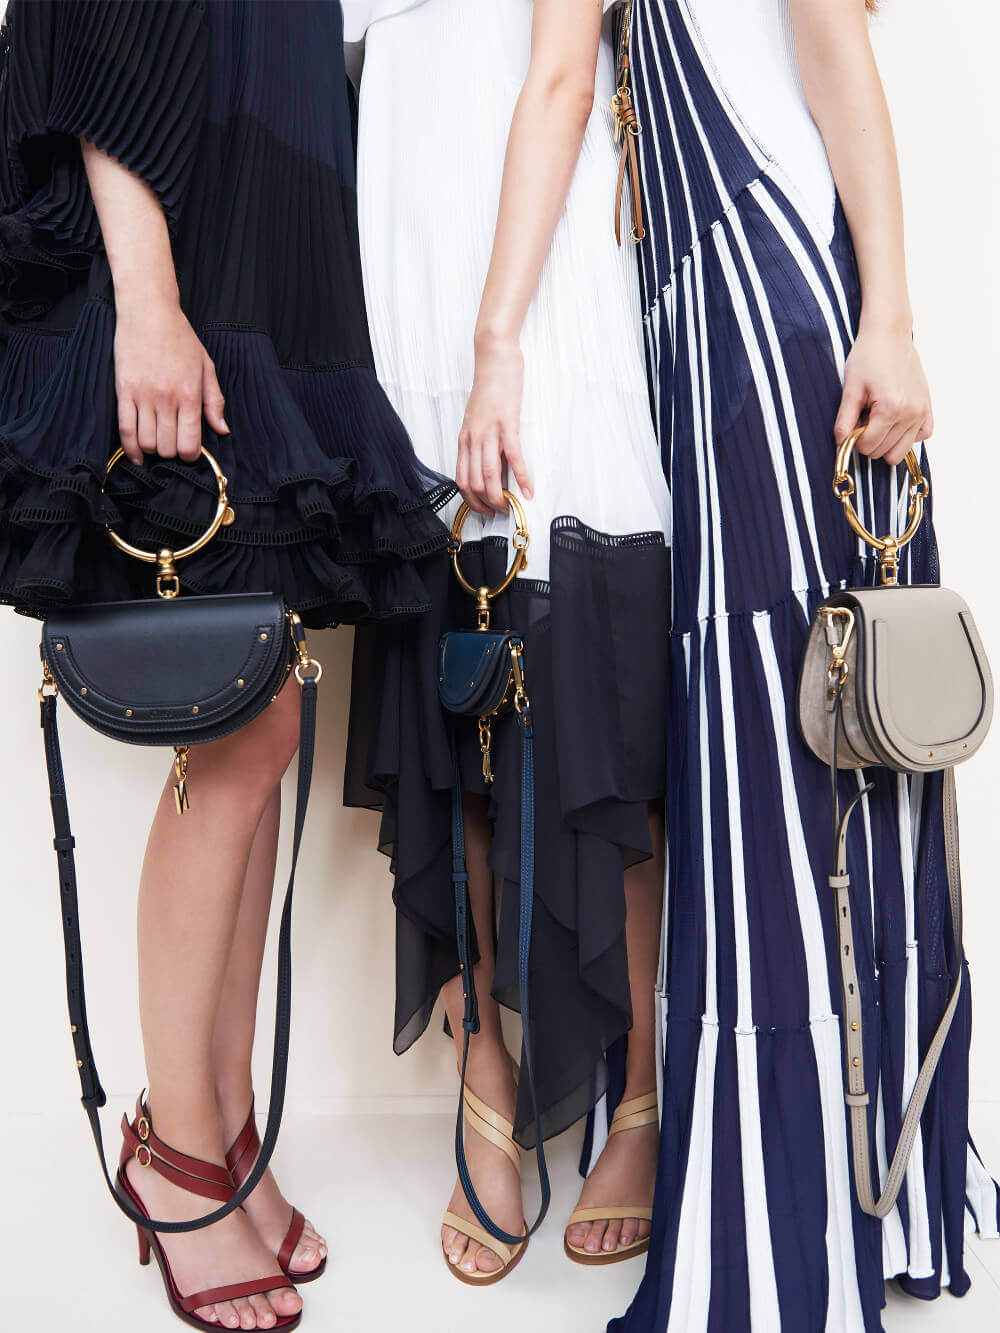 Chlo 233 Nile Bag Fashionhedge